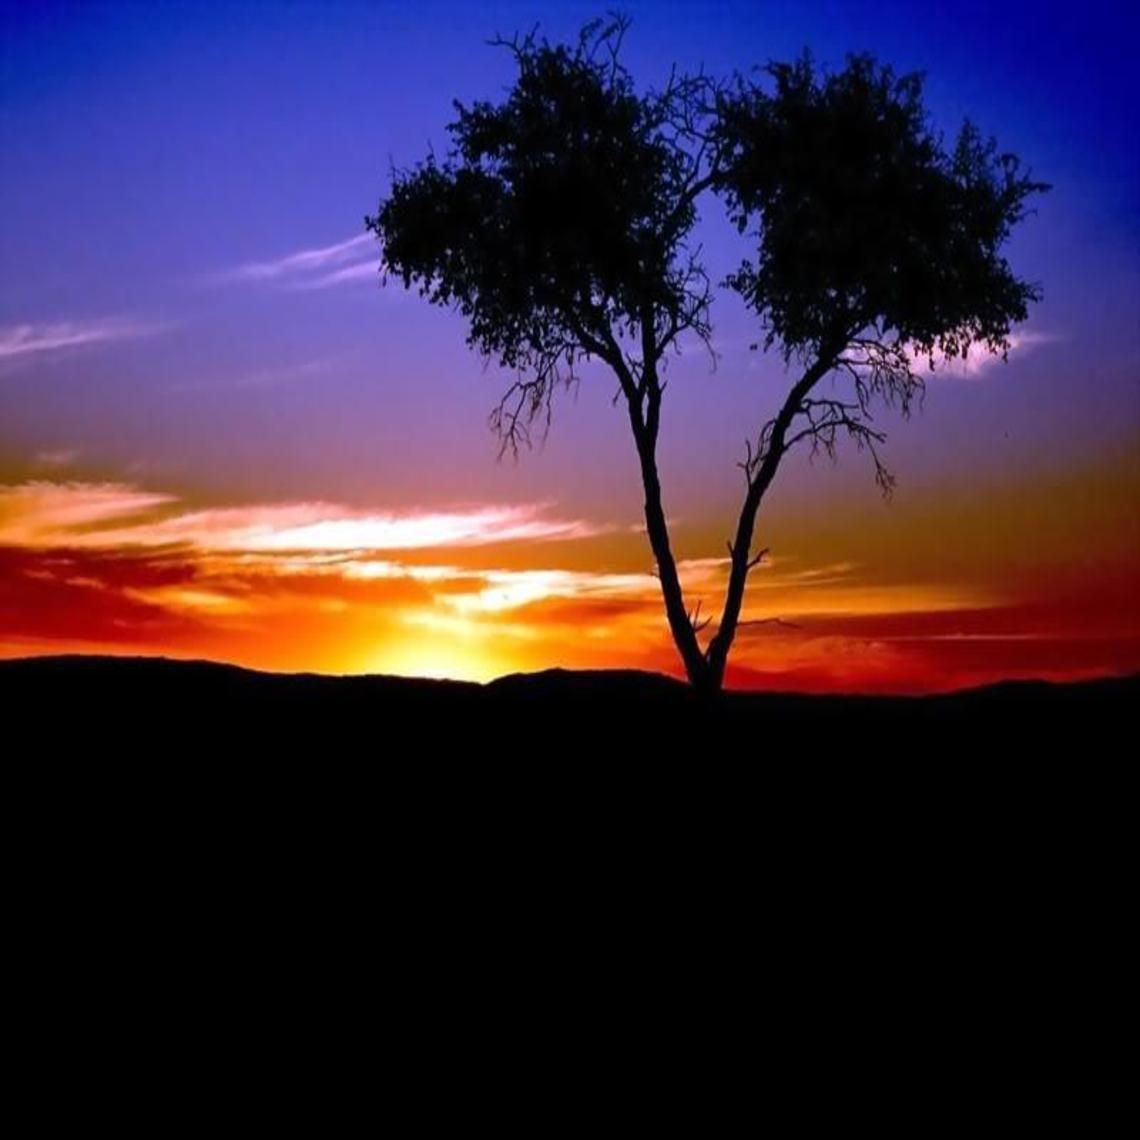 sunset wallpaper . jpg